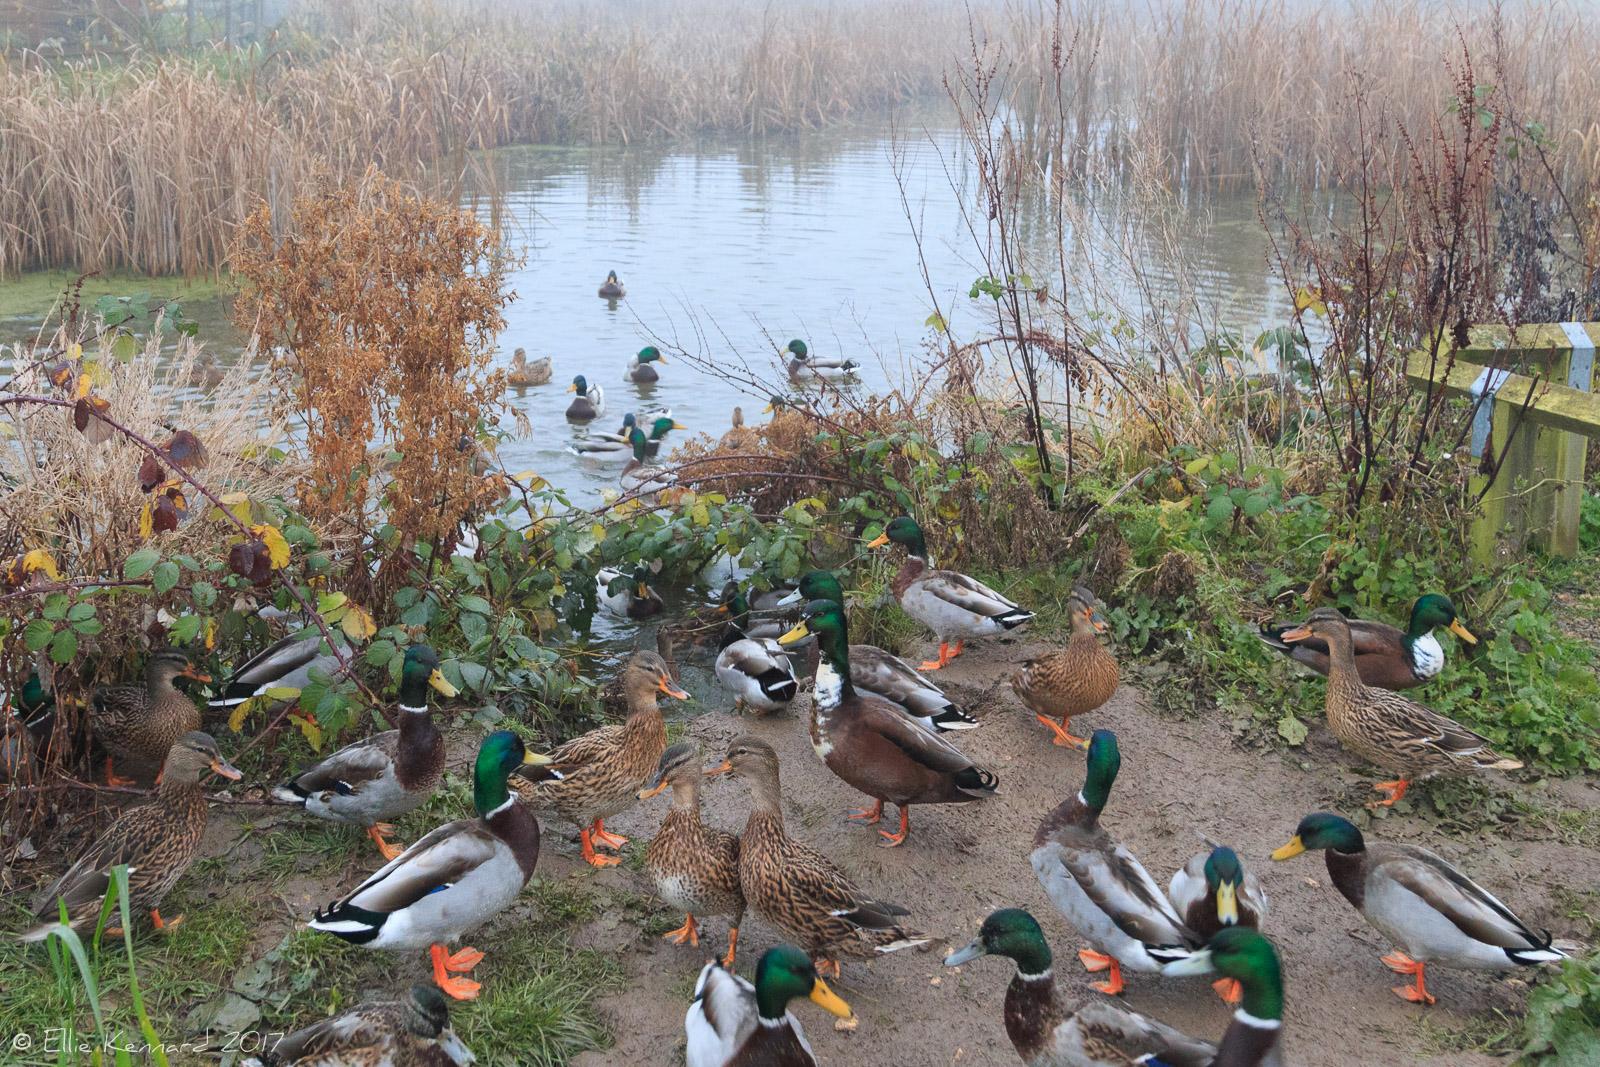 Curious ducks in the fog - Ellie Kennard 2016